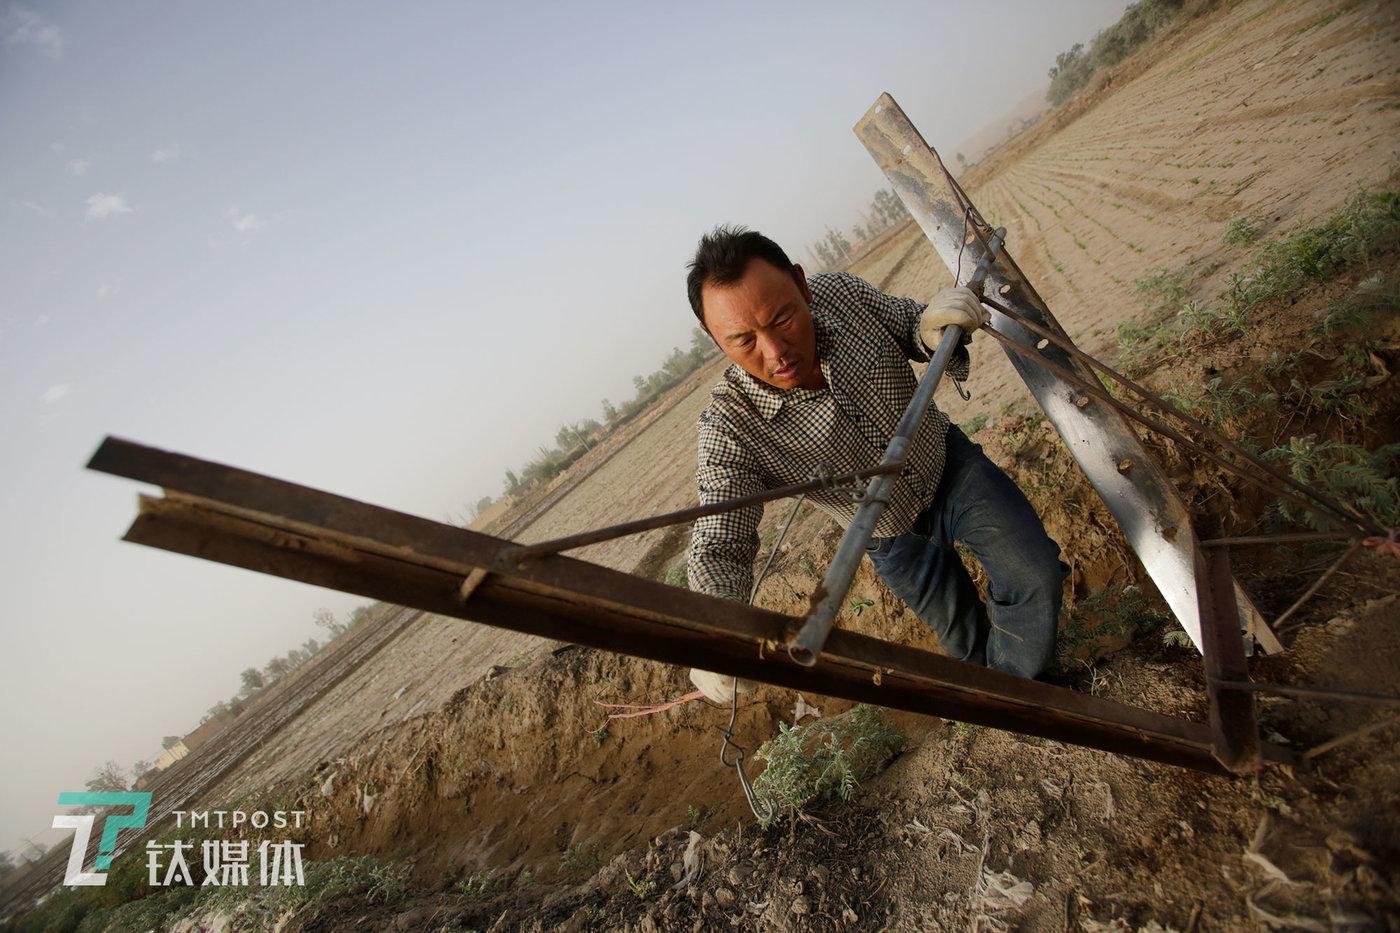 薛志明在清理刮楞子用的耙头。这是一架手工焊制的铁耙,薛志明的父辈们从前也是使用这种耙,只不过那时用的是木制的。